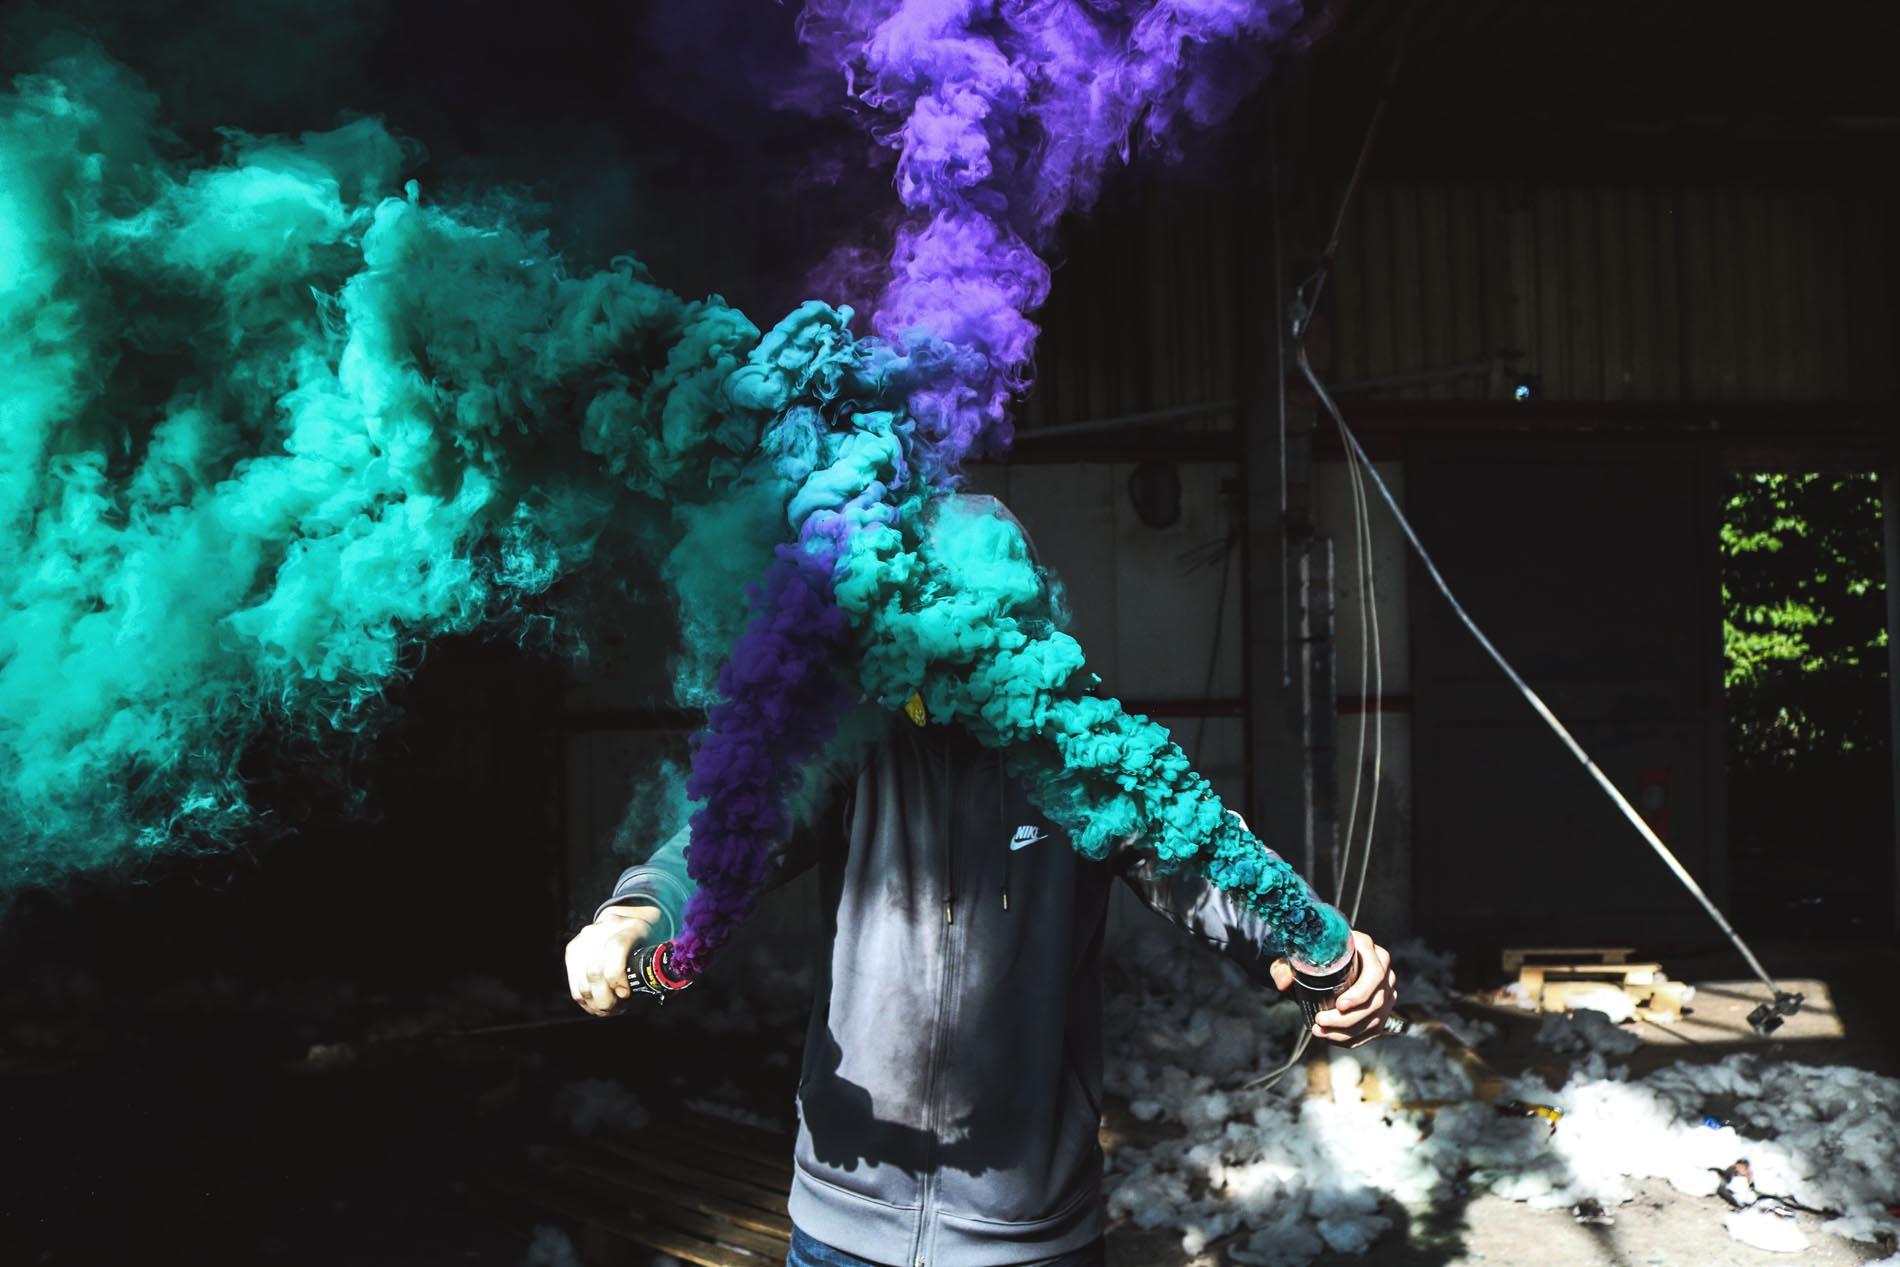 лучшие картинки с дымом